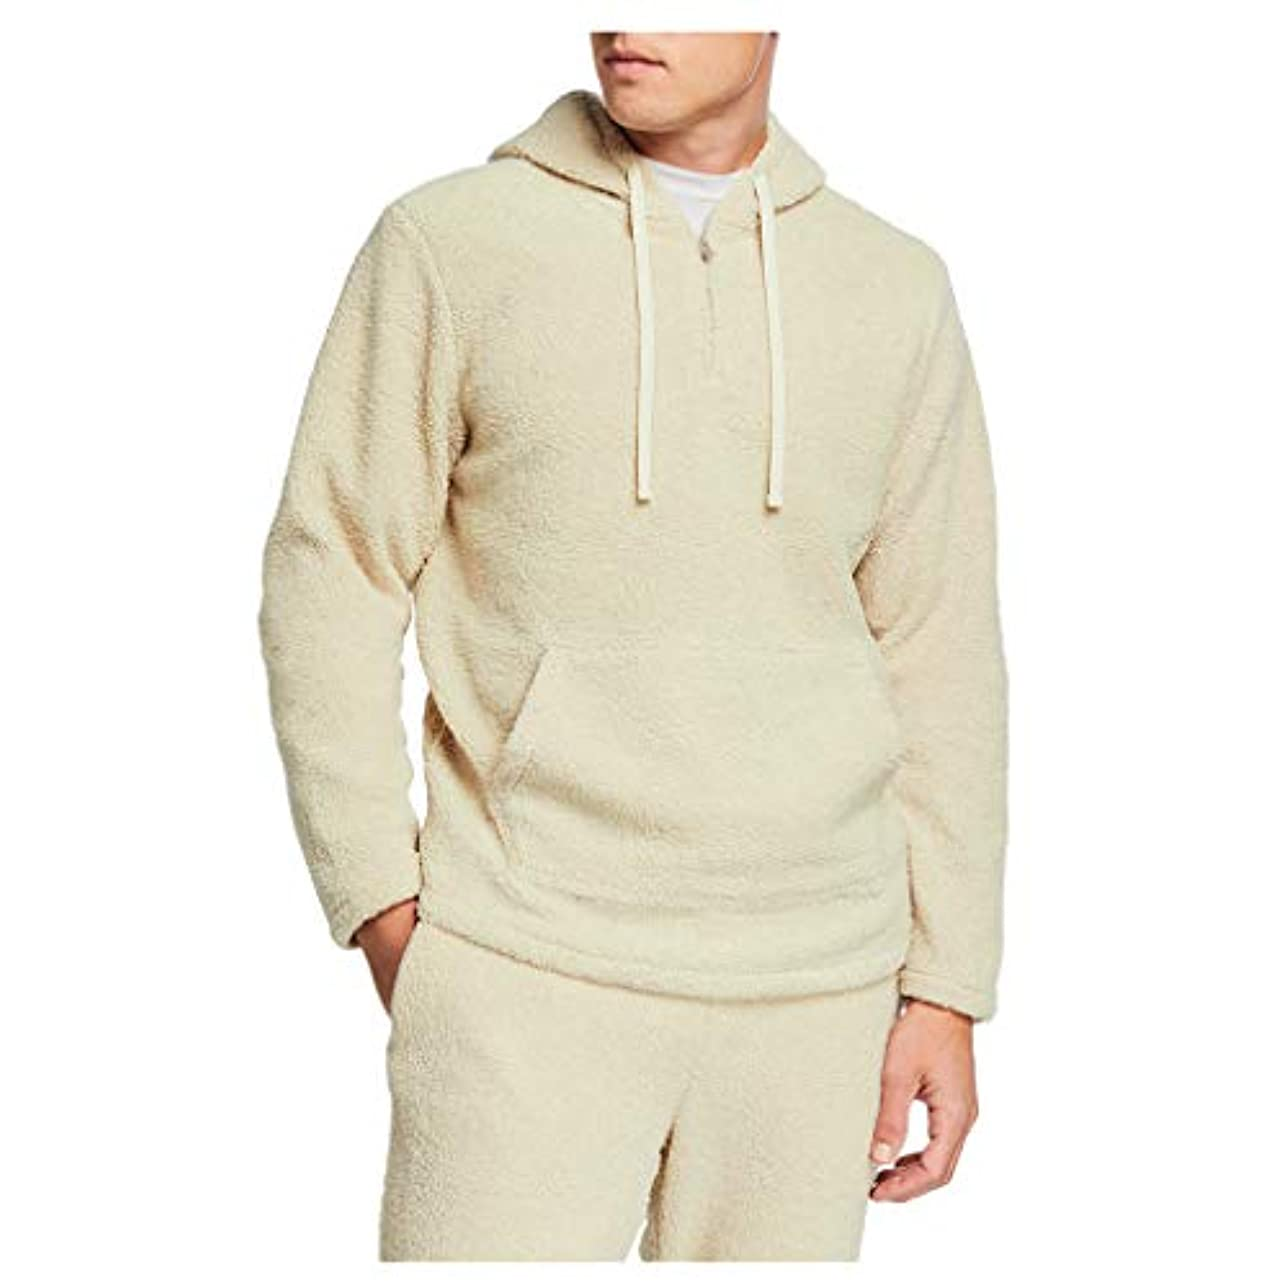 田舎同行申し立てるハイネック セーター 韓国 ファッション 冬 長袖 メンズ メンズ セーター クルーネック ニットセーター グラデーション カットソー トップス カジュアル 無地 丸首 ストリート アウトドア ゆったり 中厚